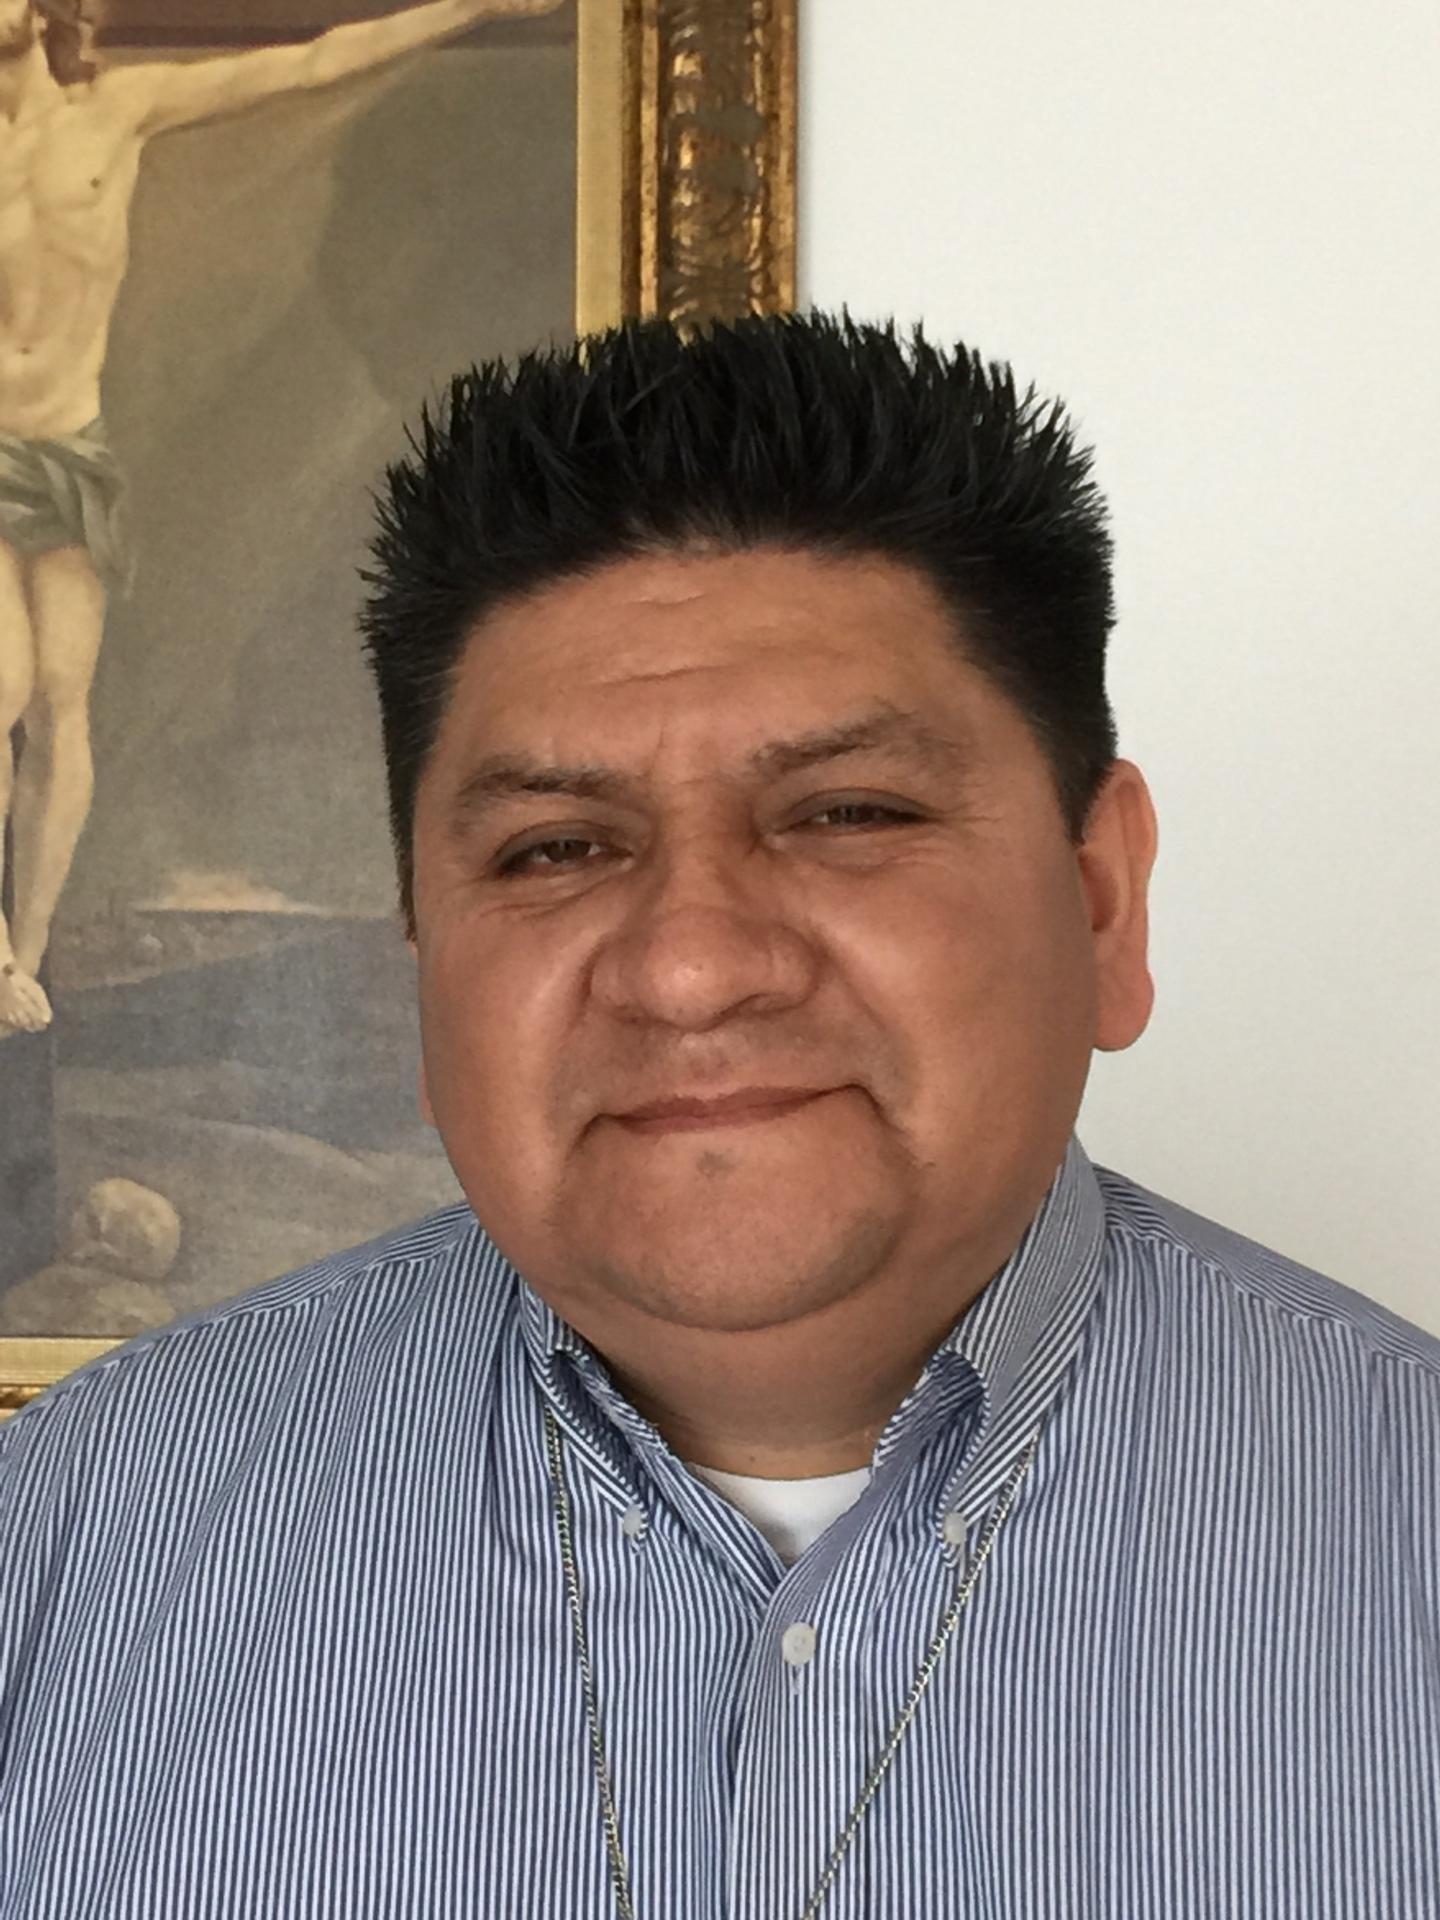 Rev. Mr. Jorge Ochoa